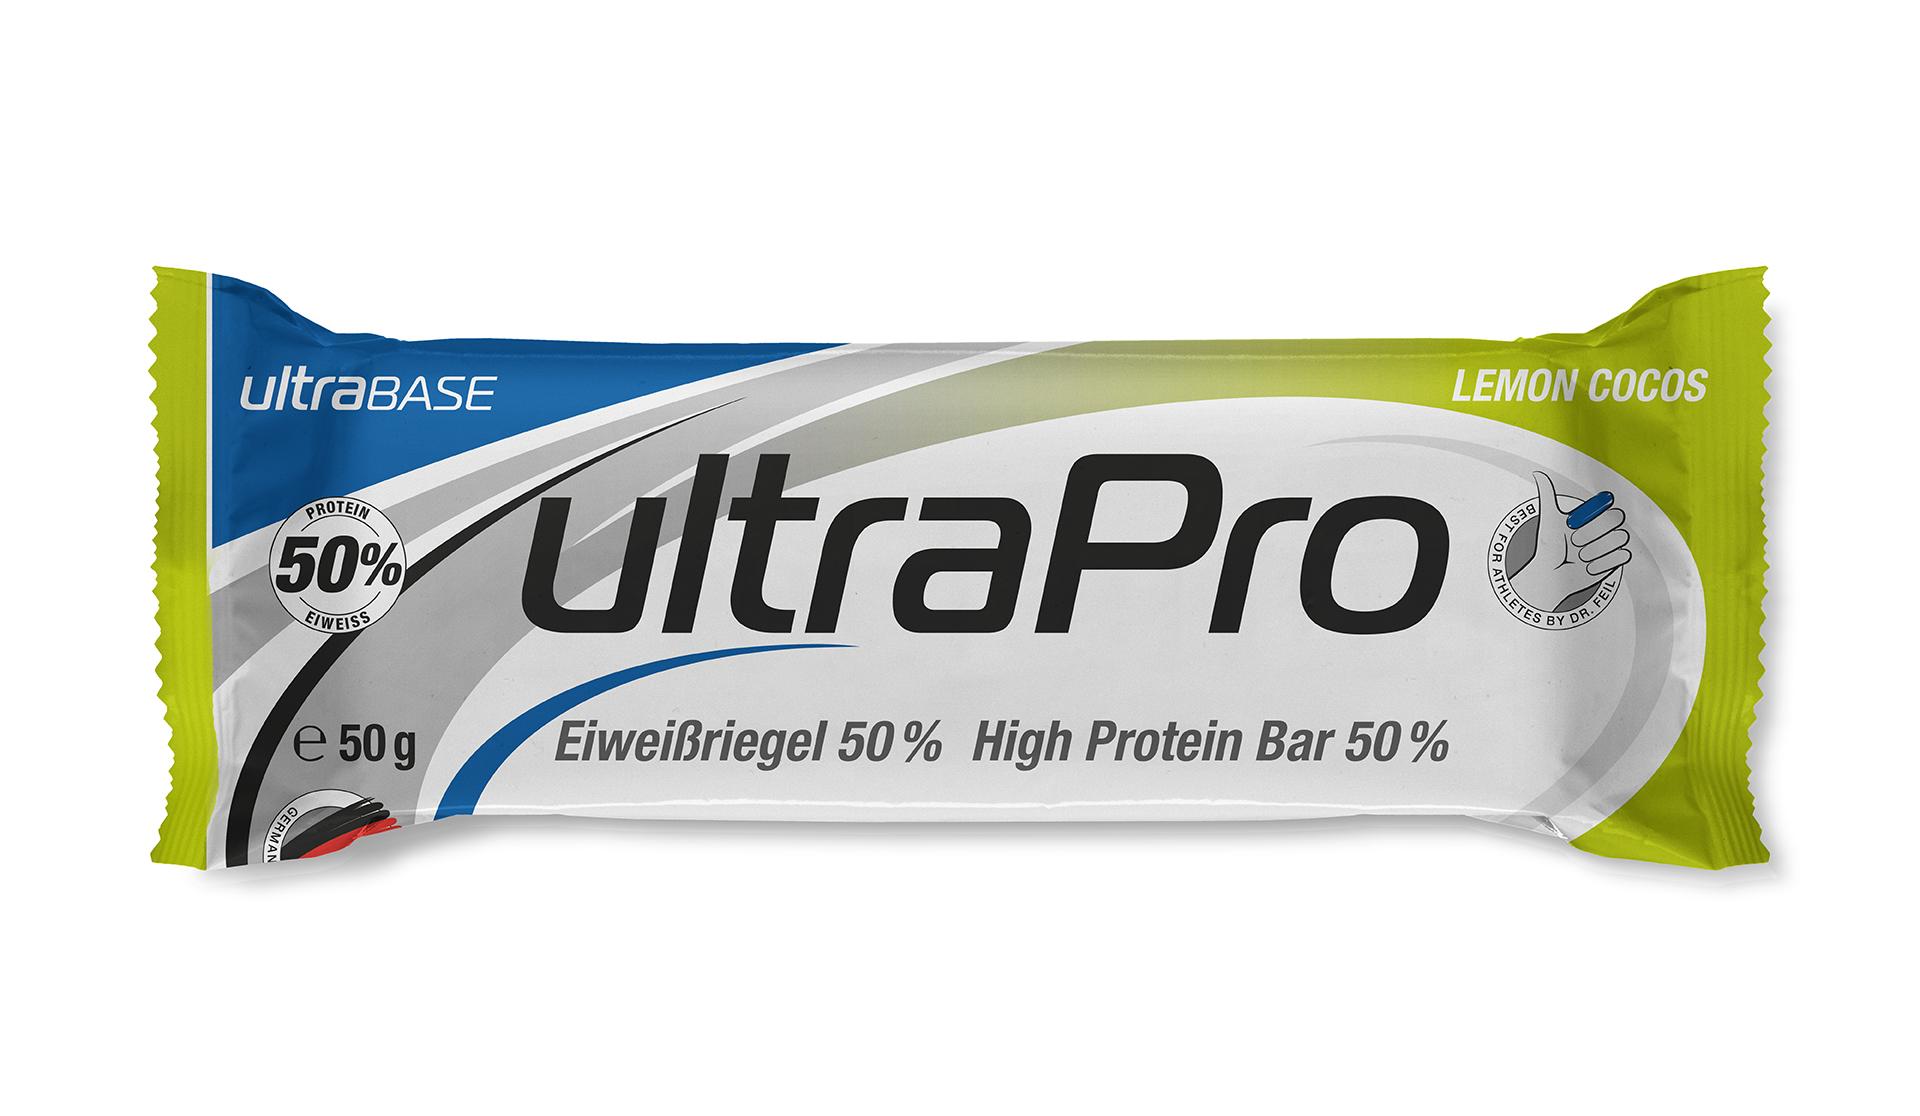 Ultra Sports ultraSPORTS ultraPro - ultraBar - Eiweißriegel - lemon cocos pro1